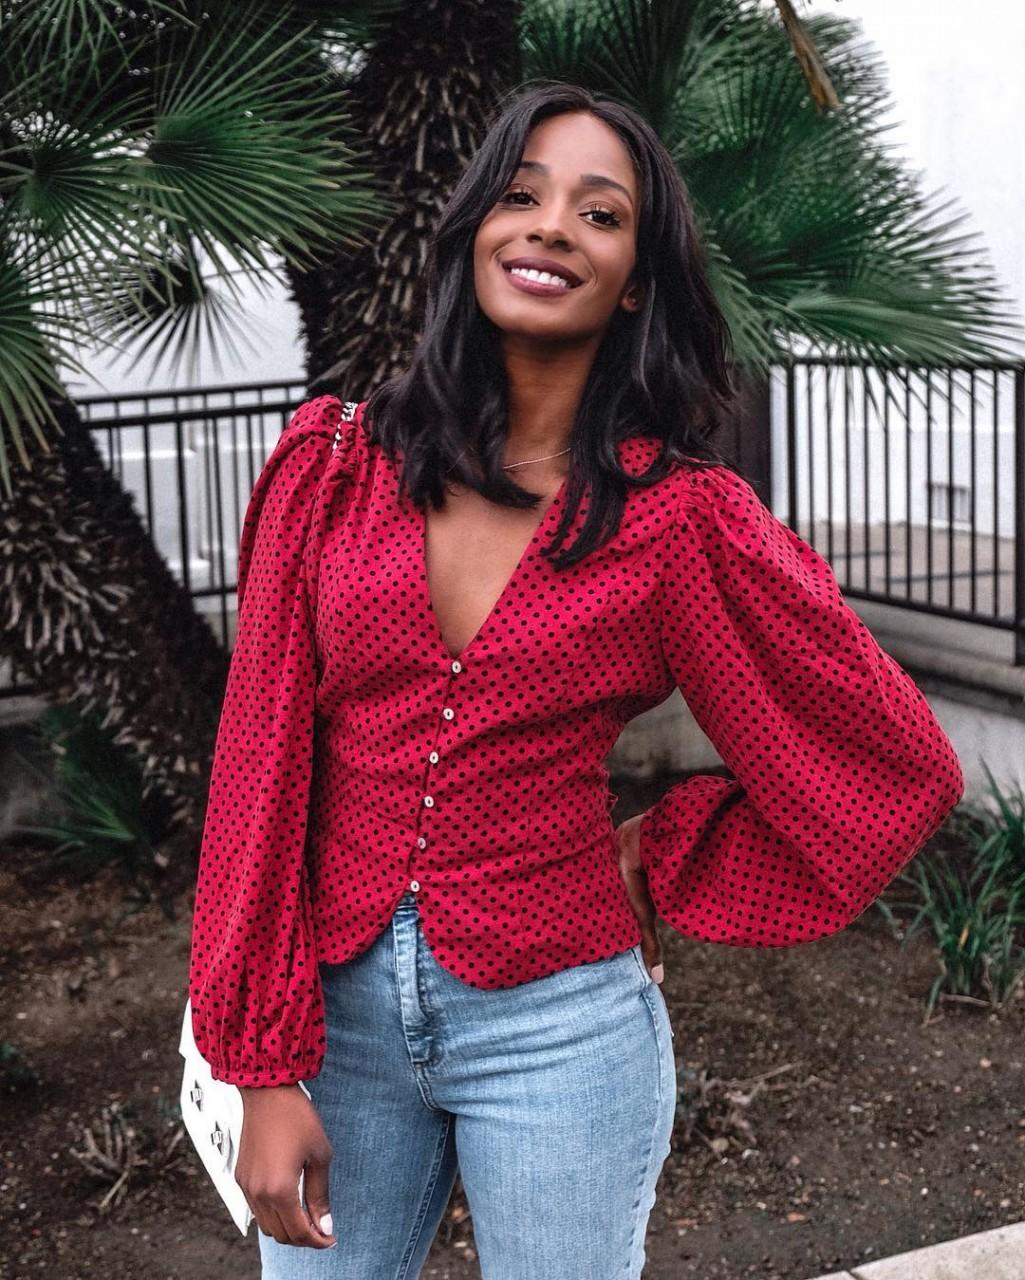 Женственно и привлекательно - 8 стильных идей, с чем носить блузку в горошек весной 2019 весна 2019